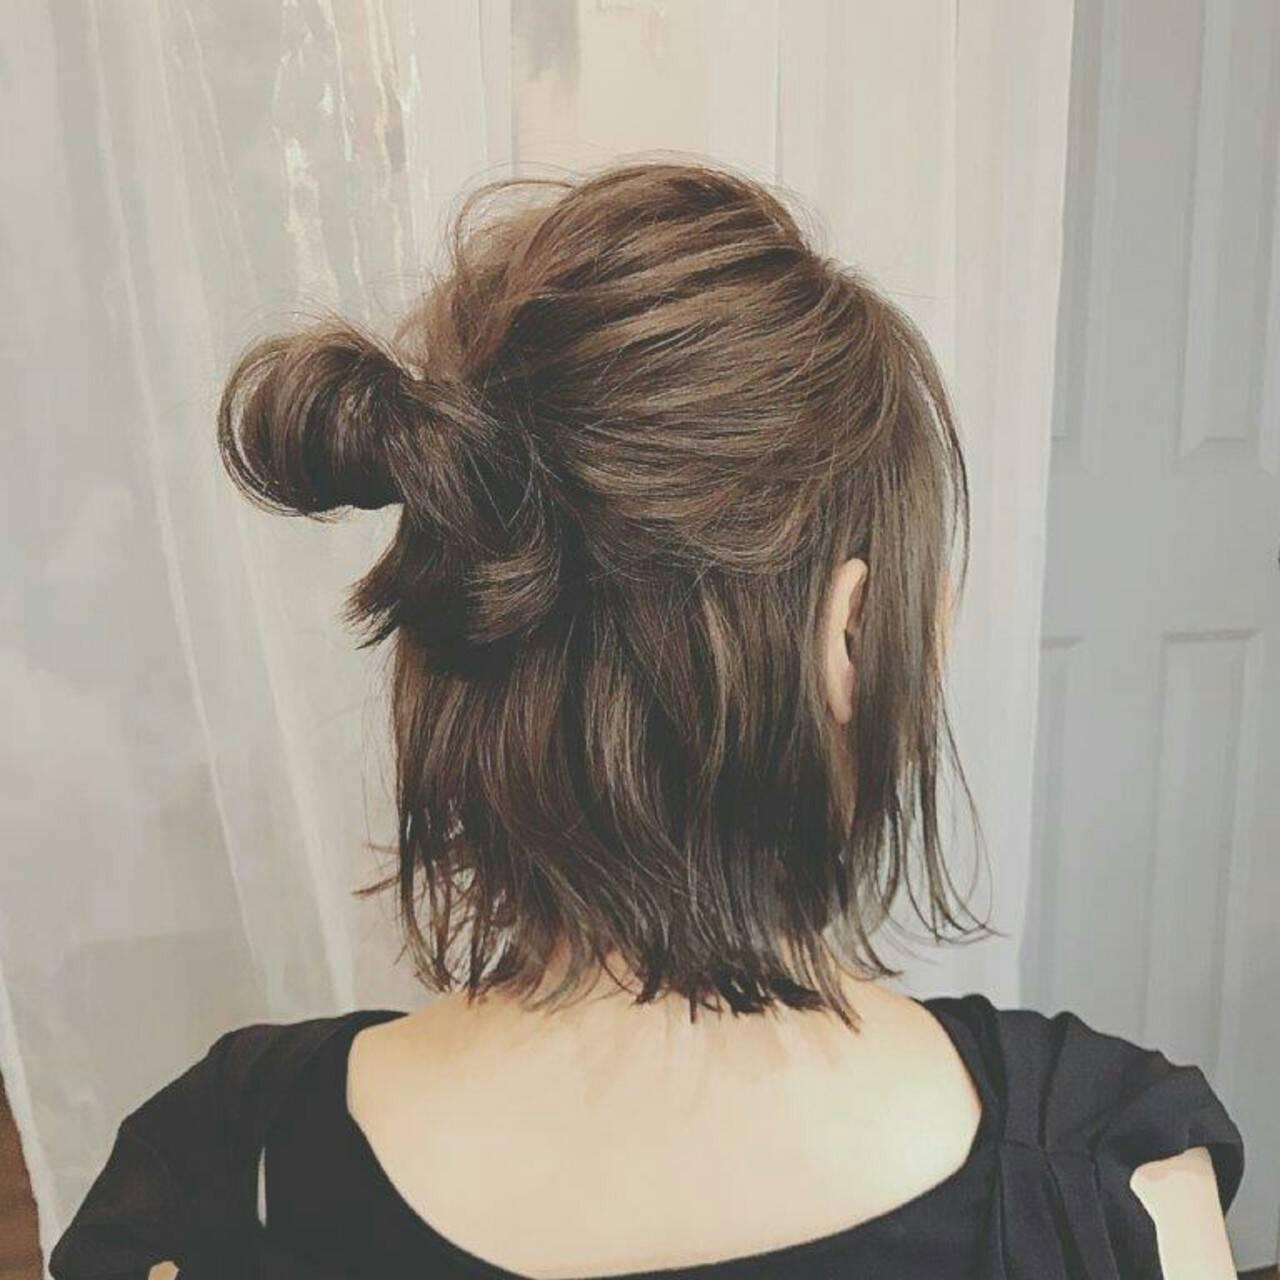 ボブ 冬 秋 フェミニンヘアスタイルや髪型の写真・画像